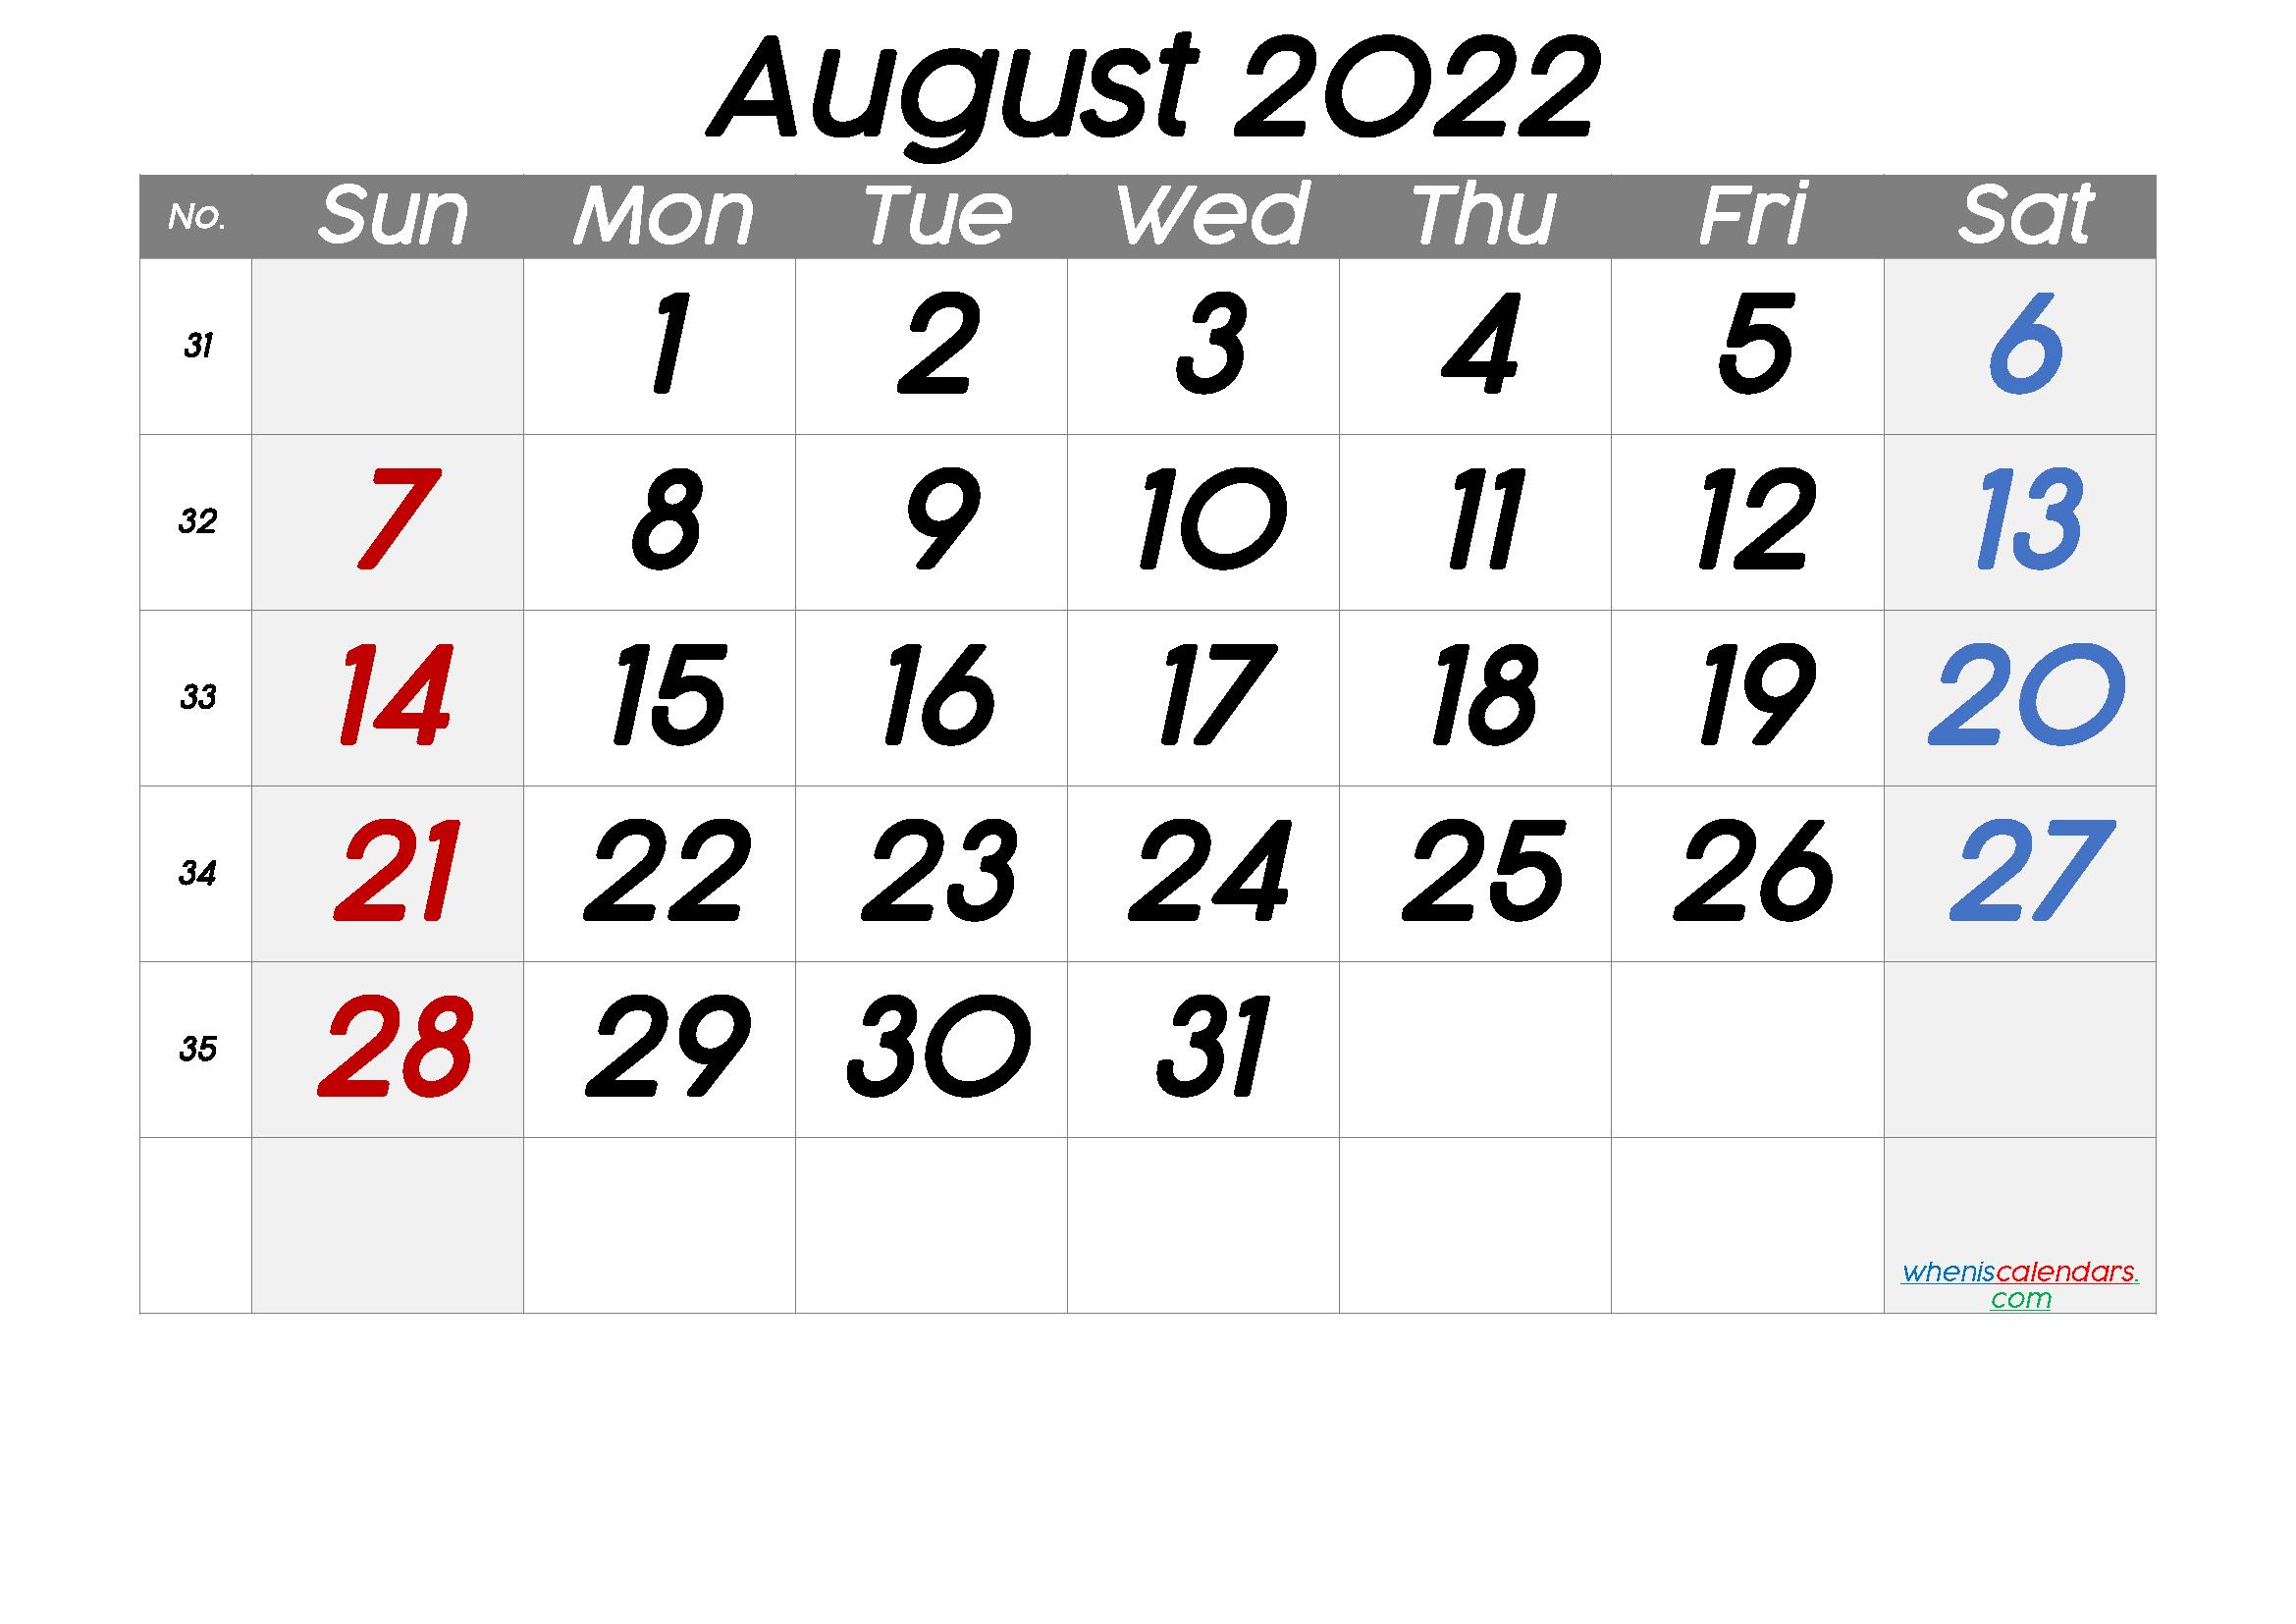 Free August 2022 Calendar with Week Numbers